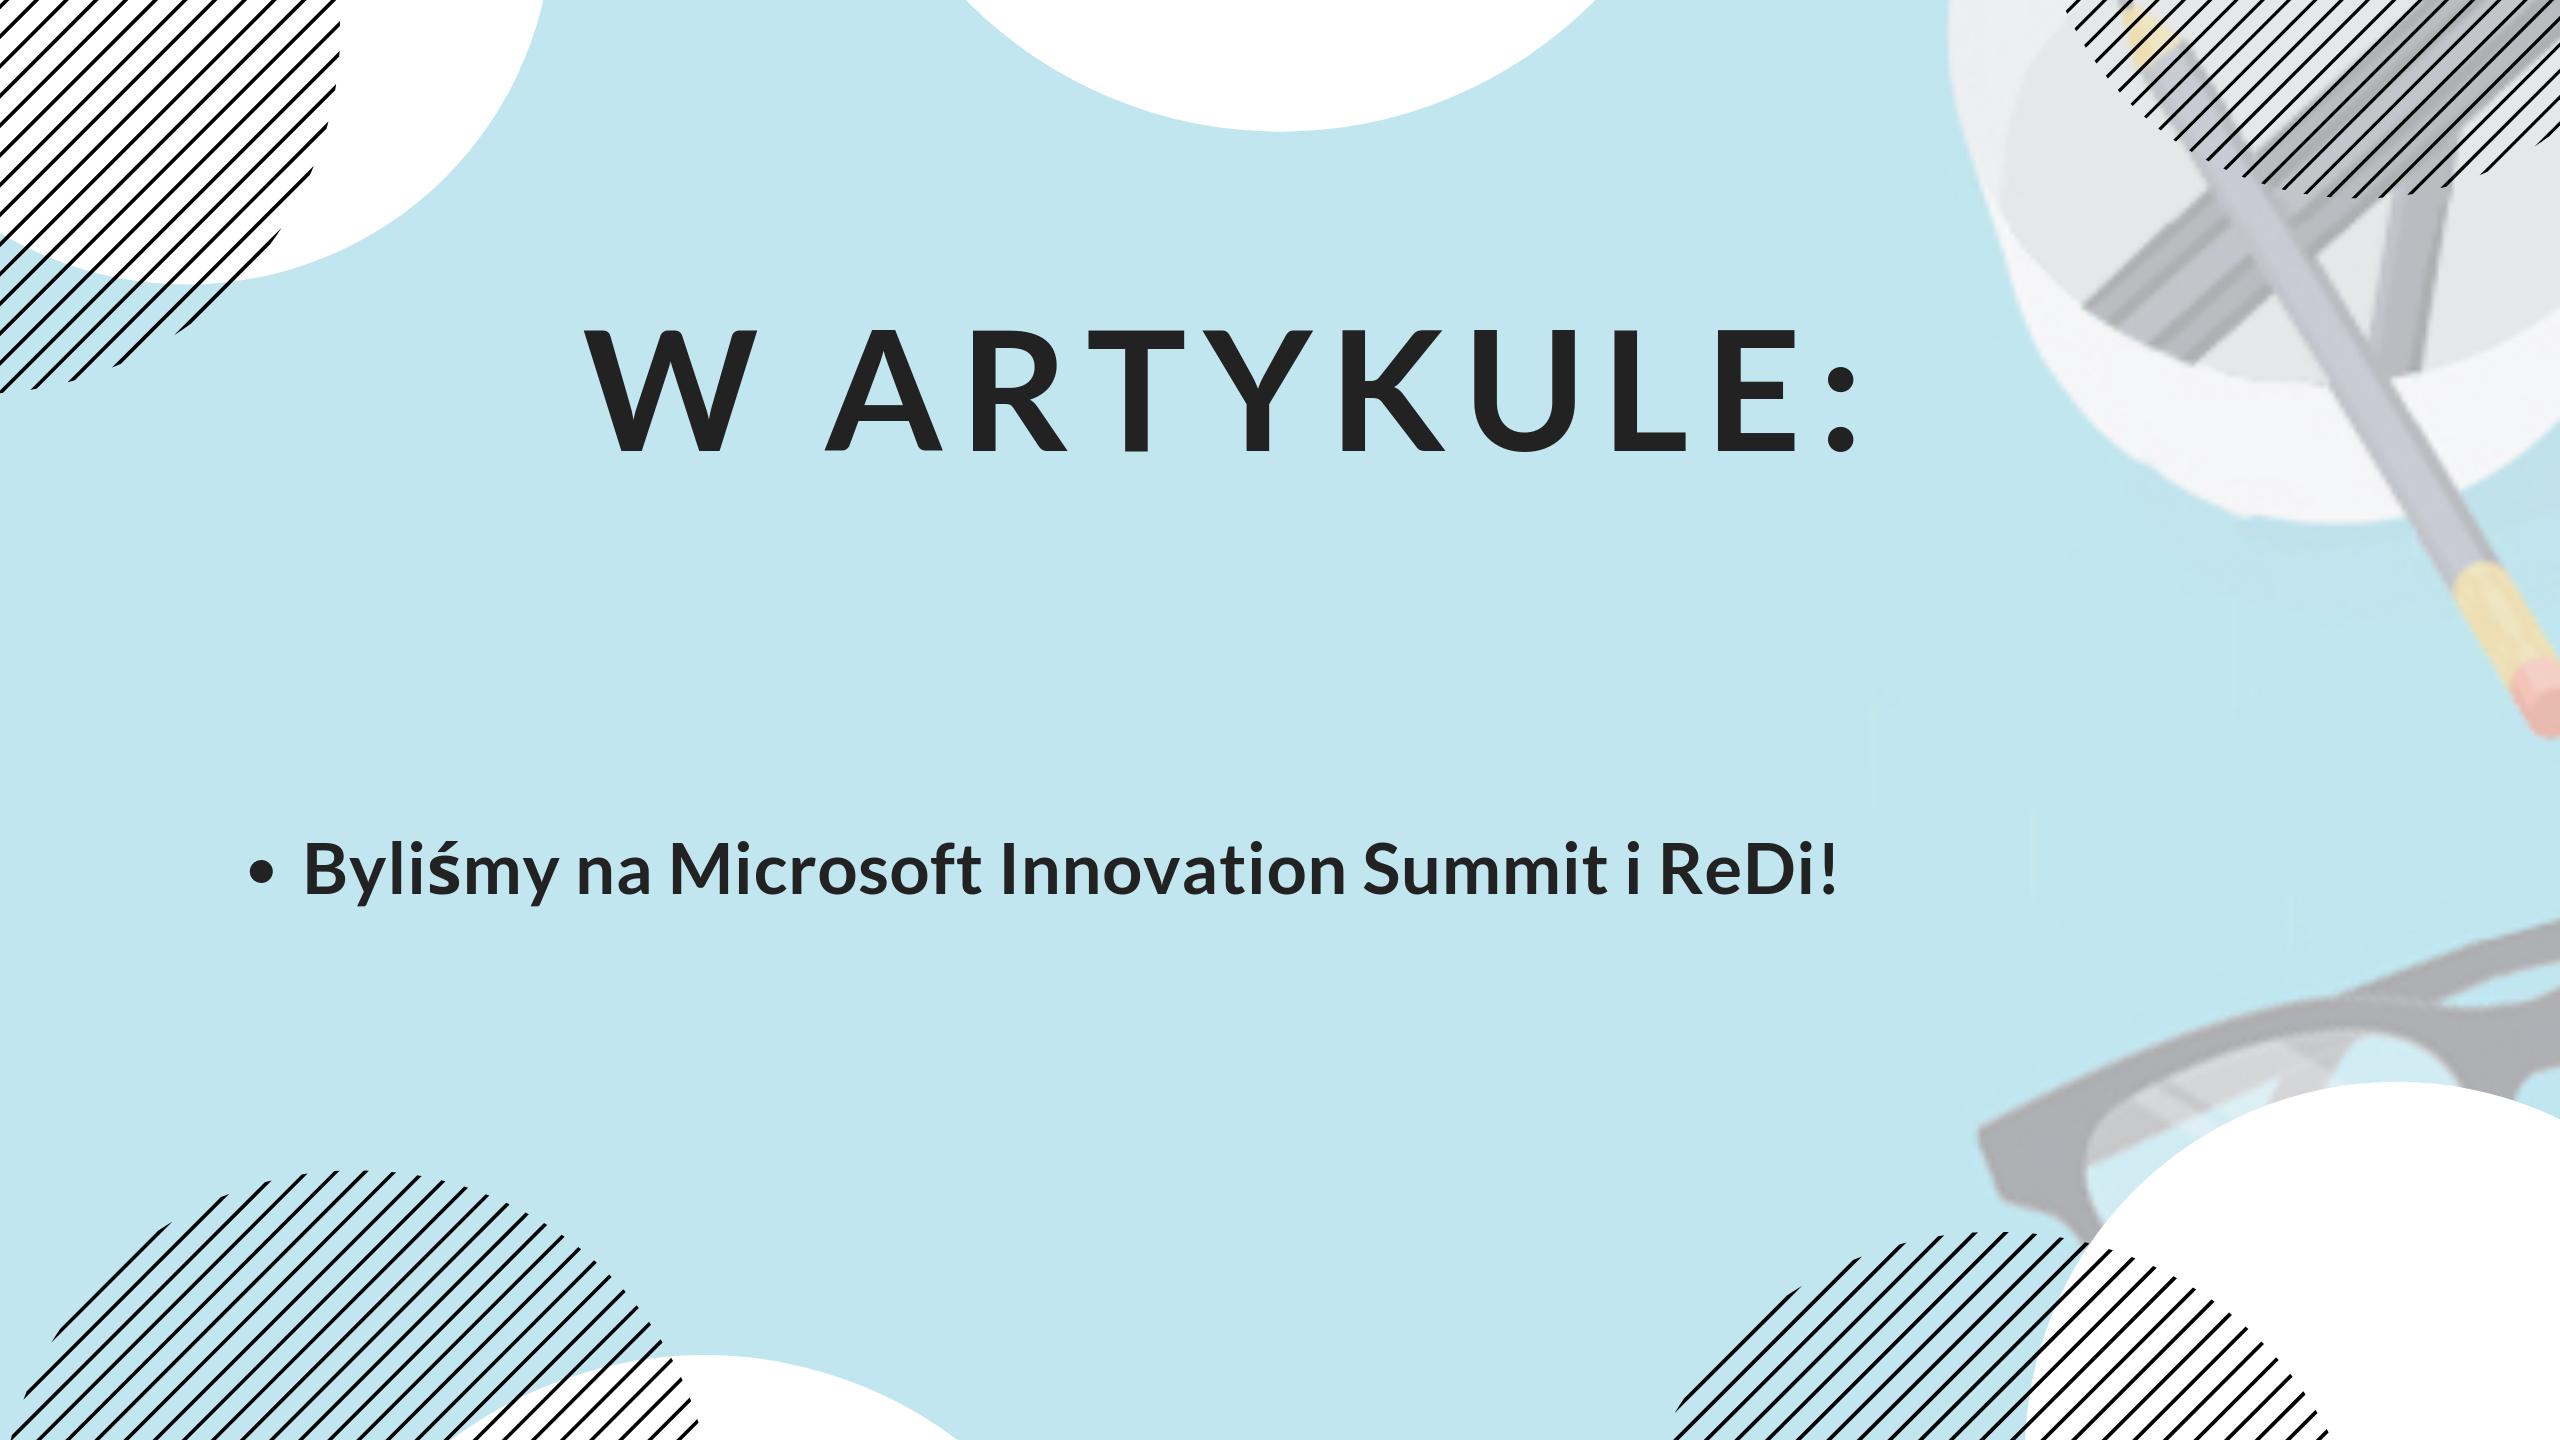 Byliśmy na Microsoft Innovation Summit i ReDi!